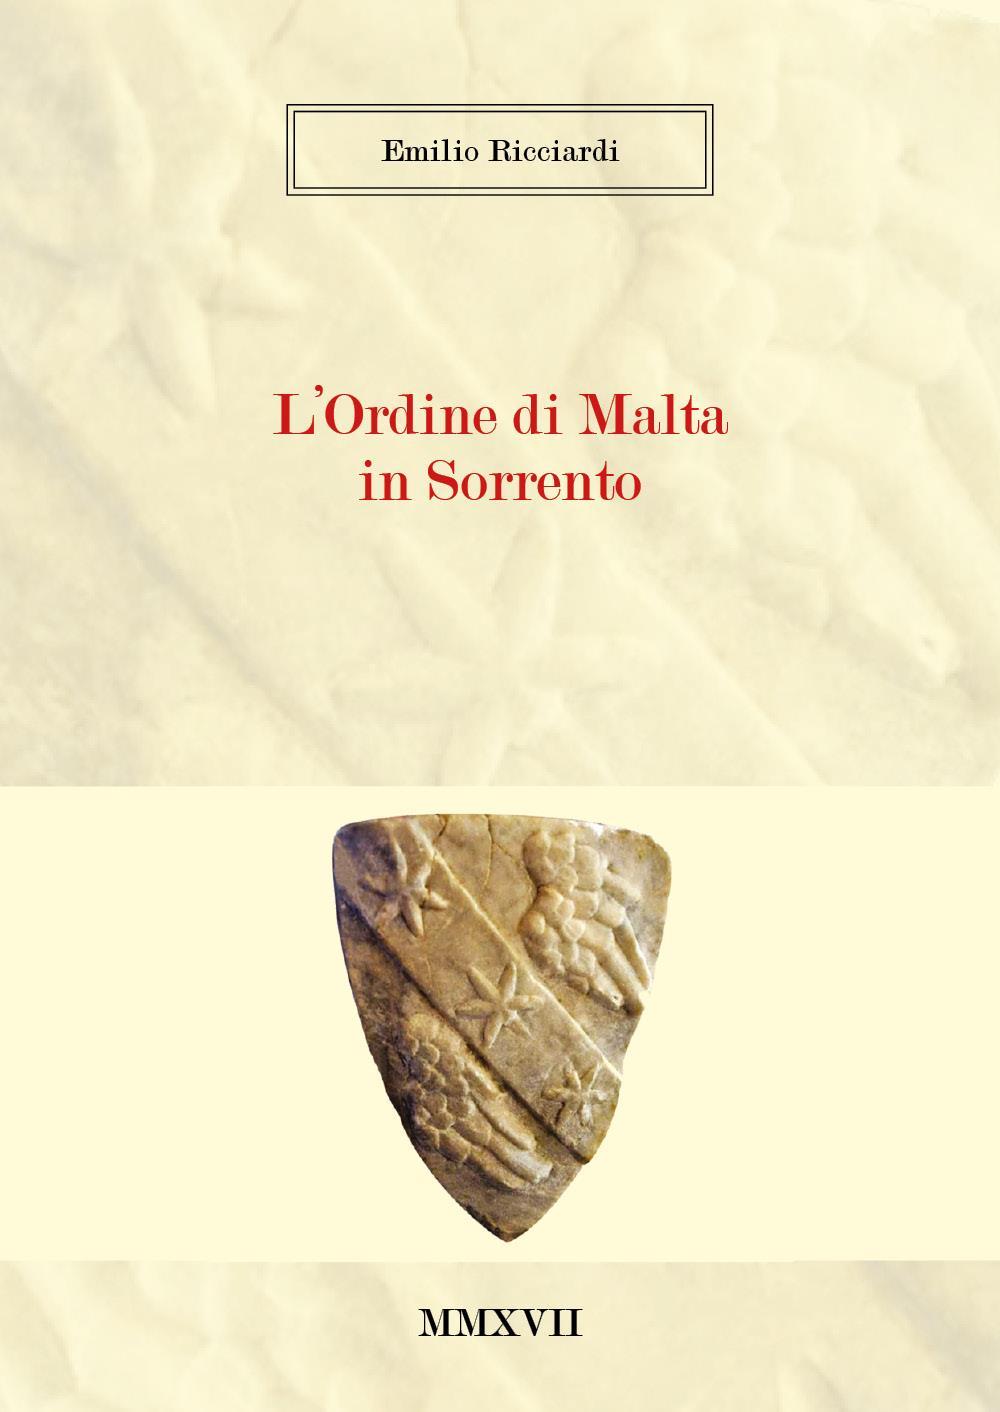 L'Ordine di Malta in Sorrento